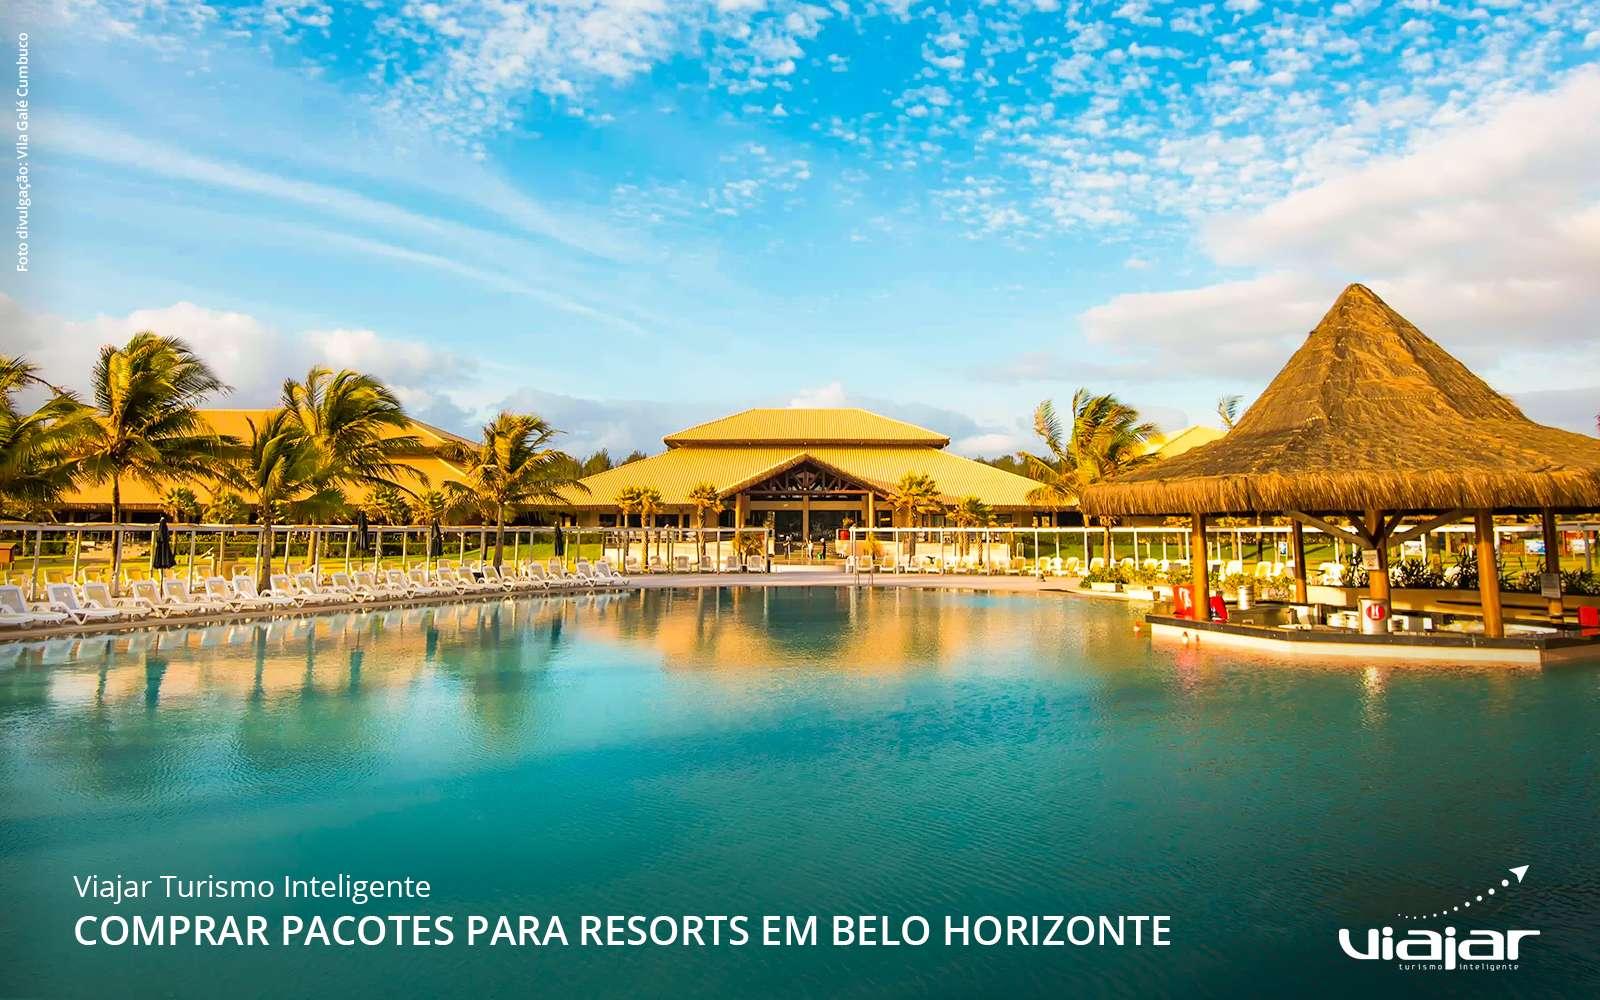 viajar-turismo-inteligente-comprar-pacotes-resorts-belo-horizonte-minas-gerais-06-1